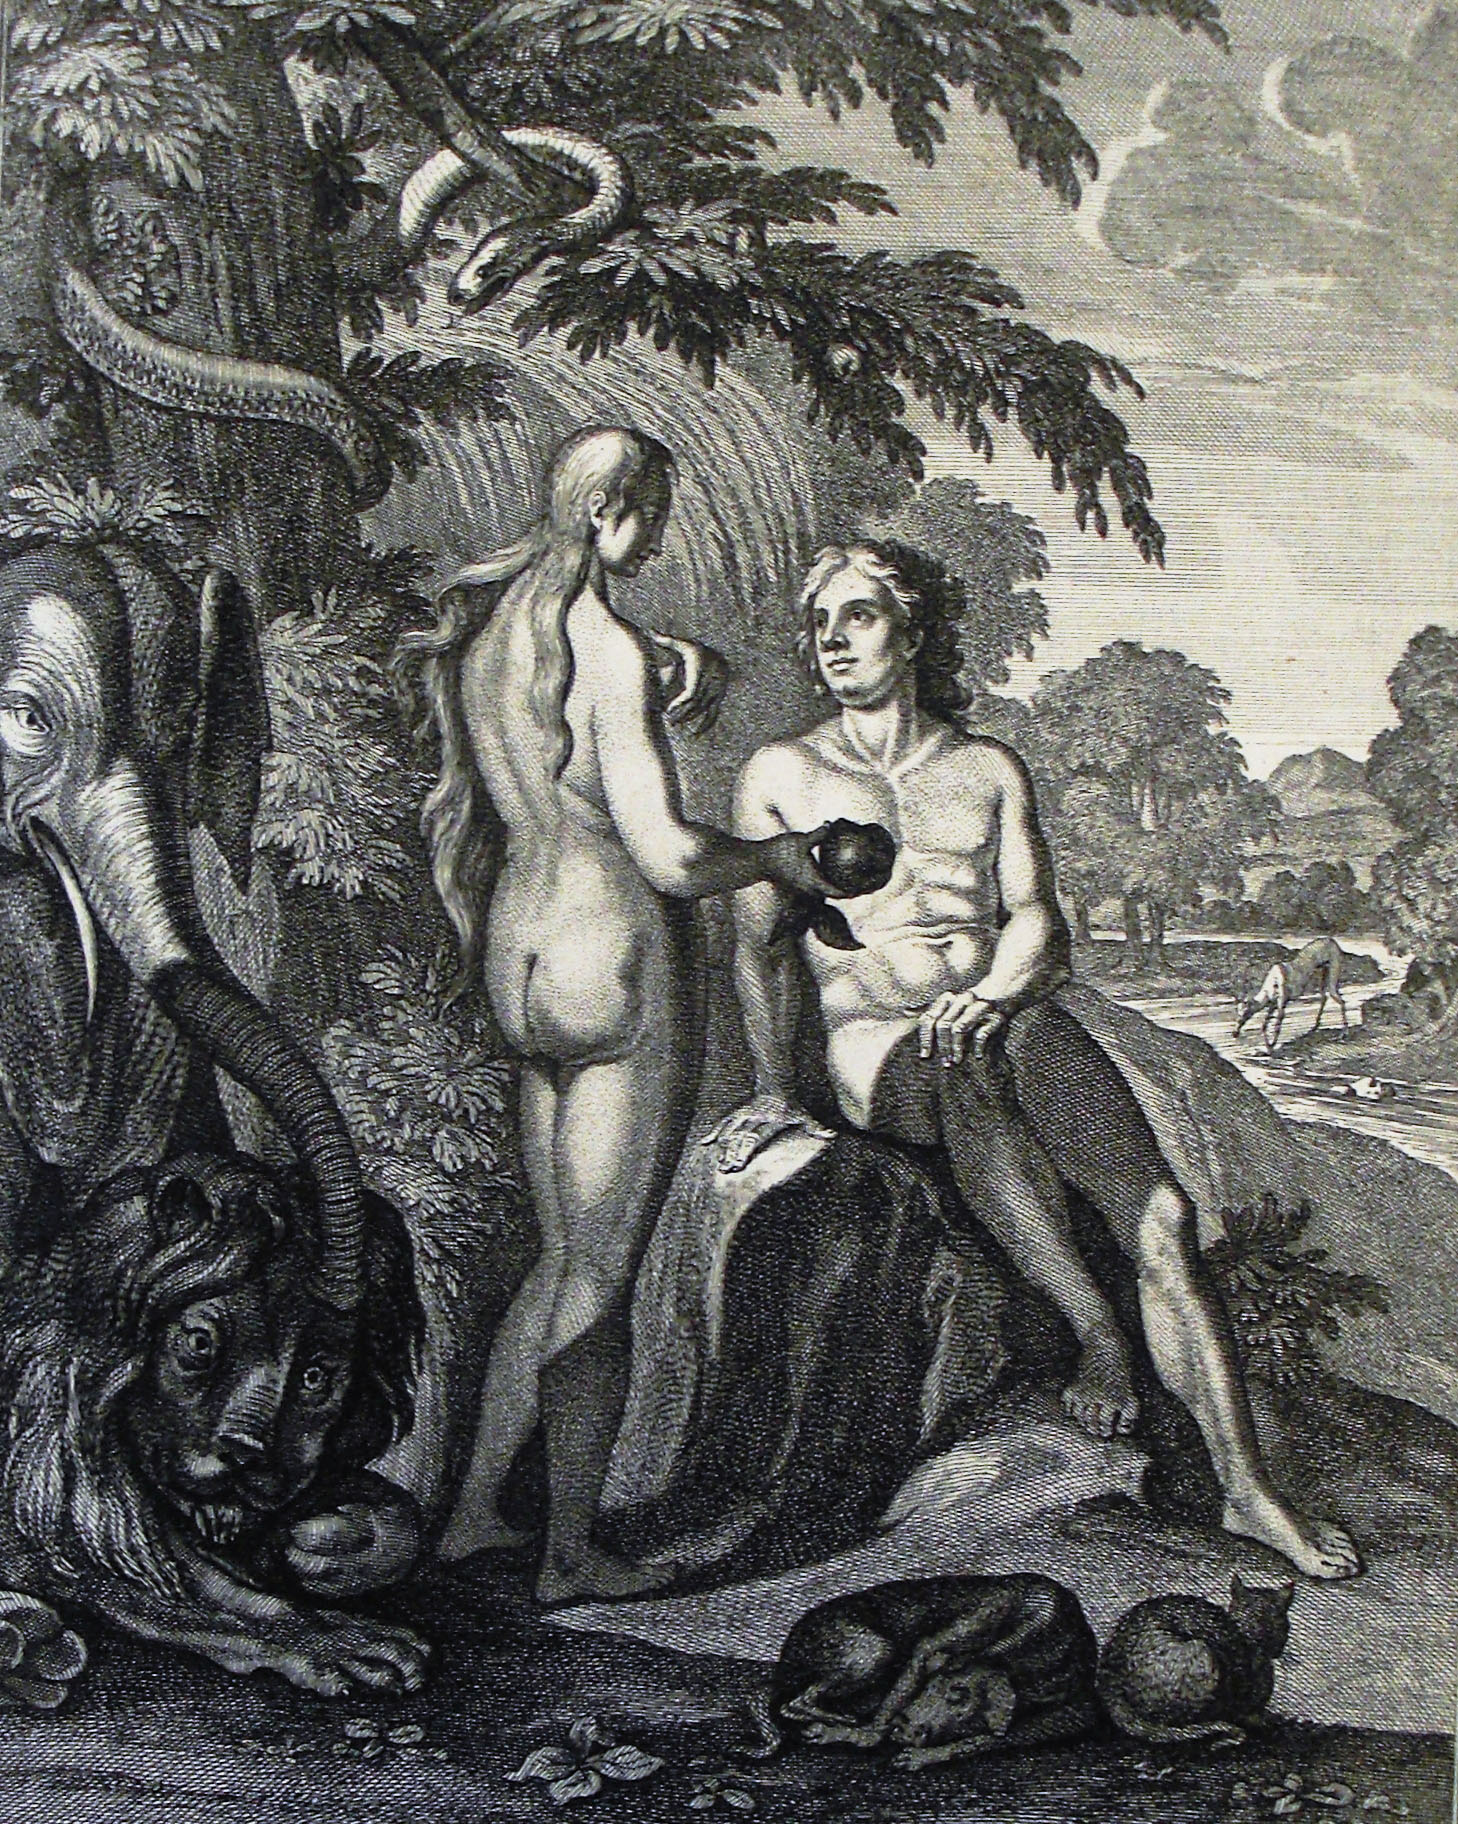 Filethe Phillip Medhurst Picture Torah 15 Temptation Of Adam And Eve Genesis